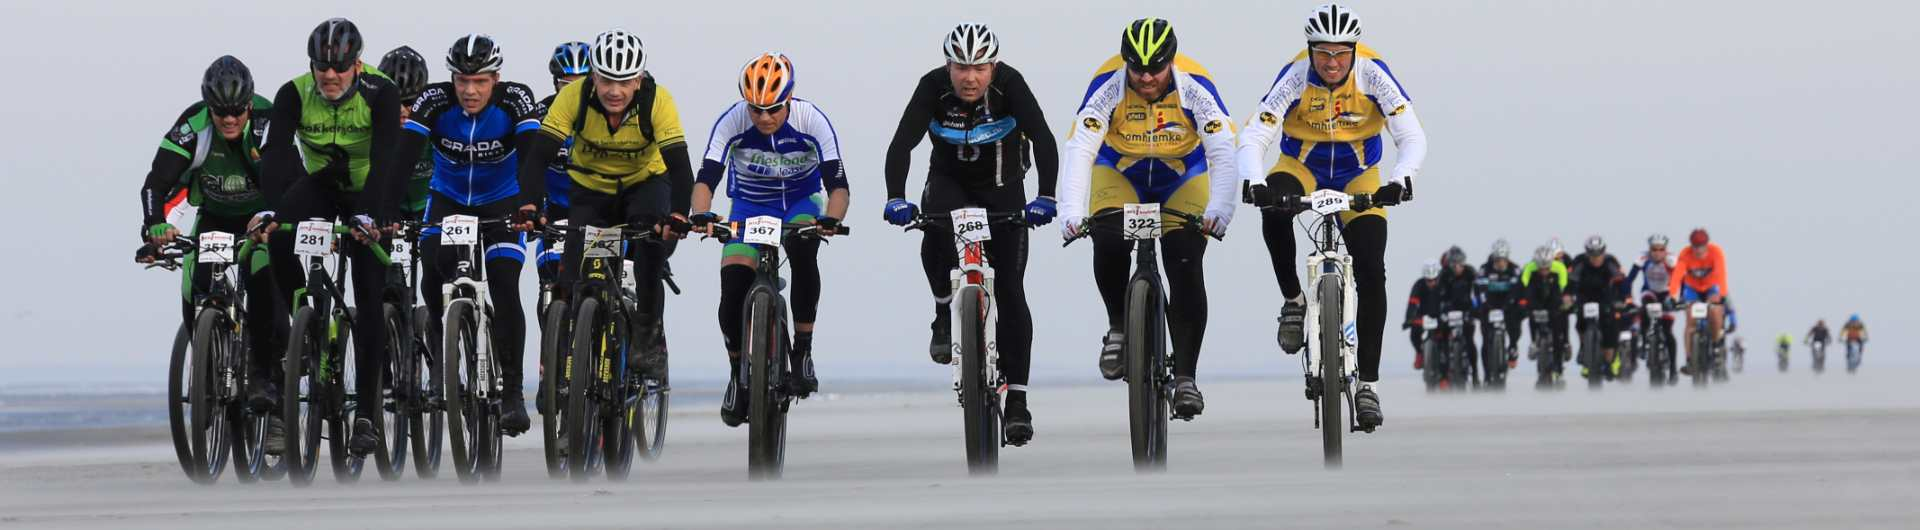 MTB Ameland beeldverslagen: Peloton MTB'ers racen over het strand van Ameland